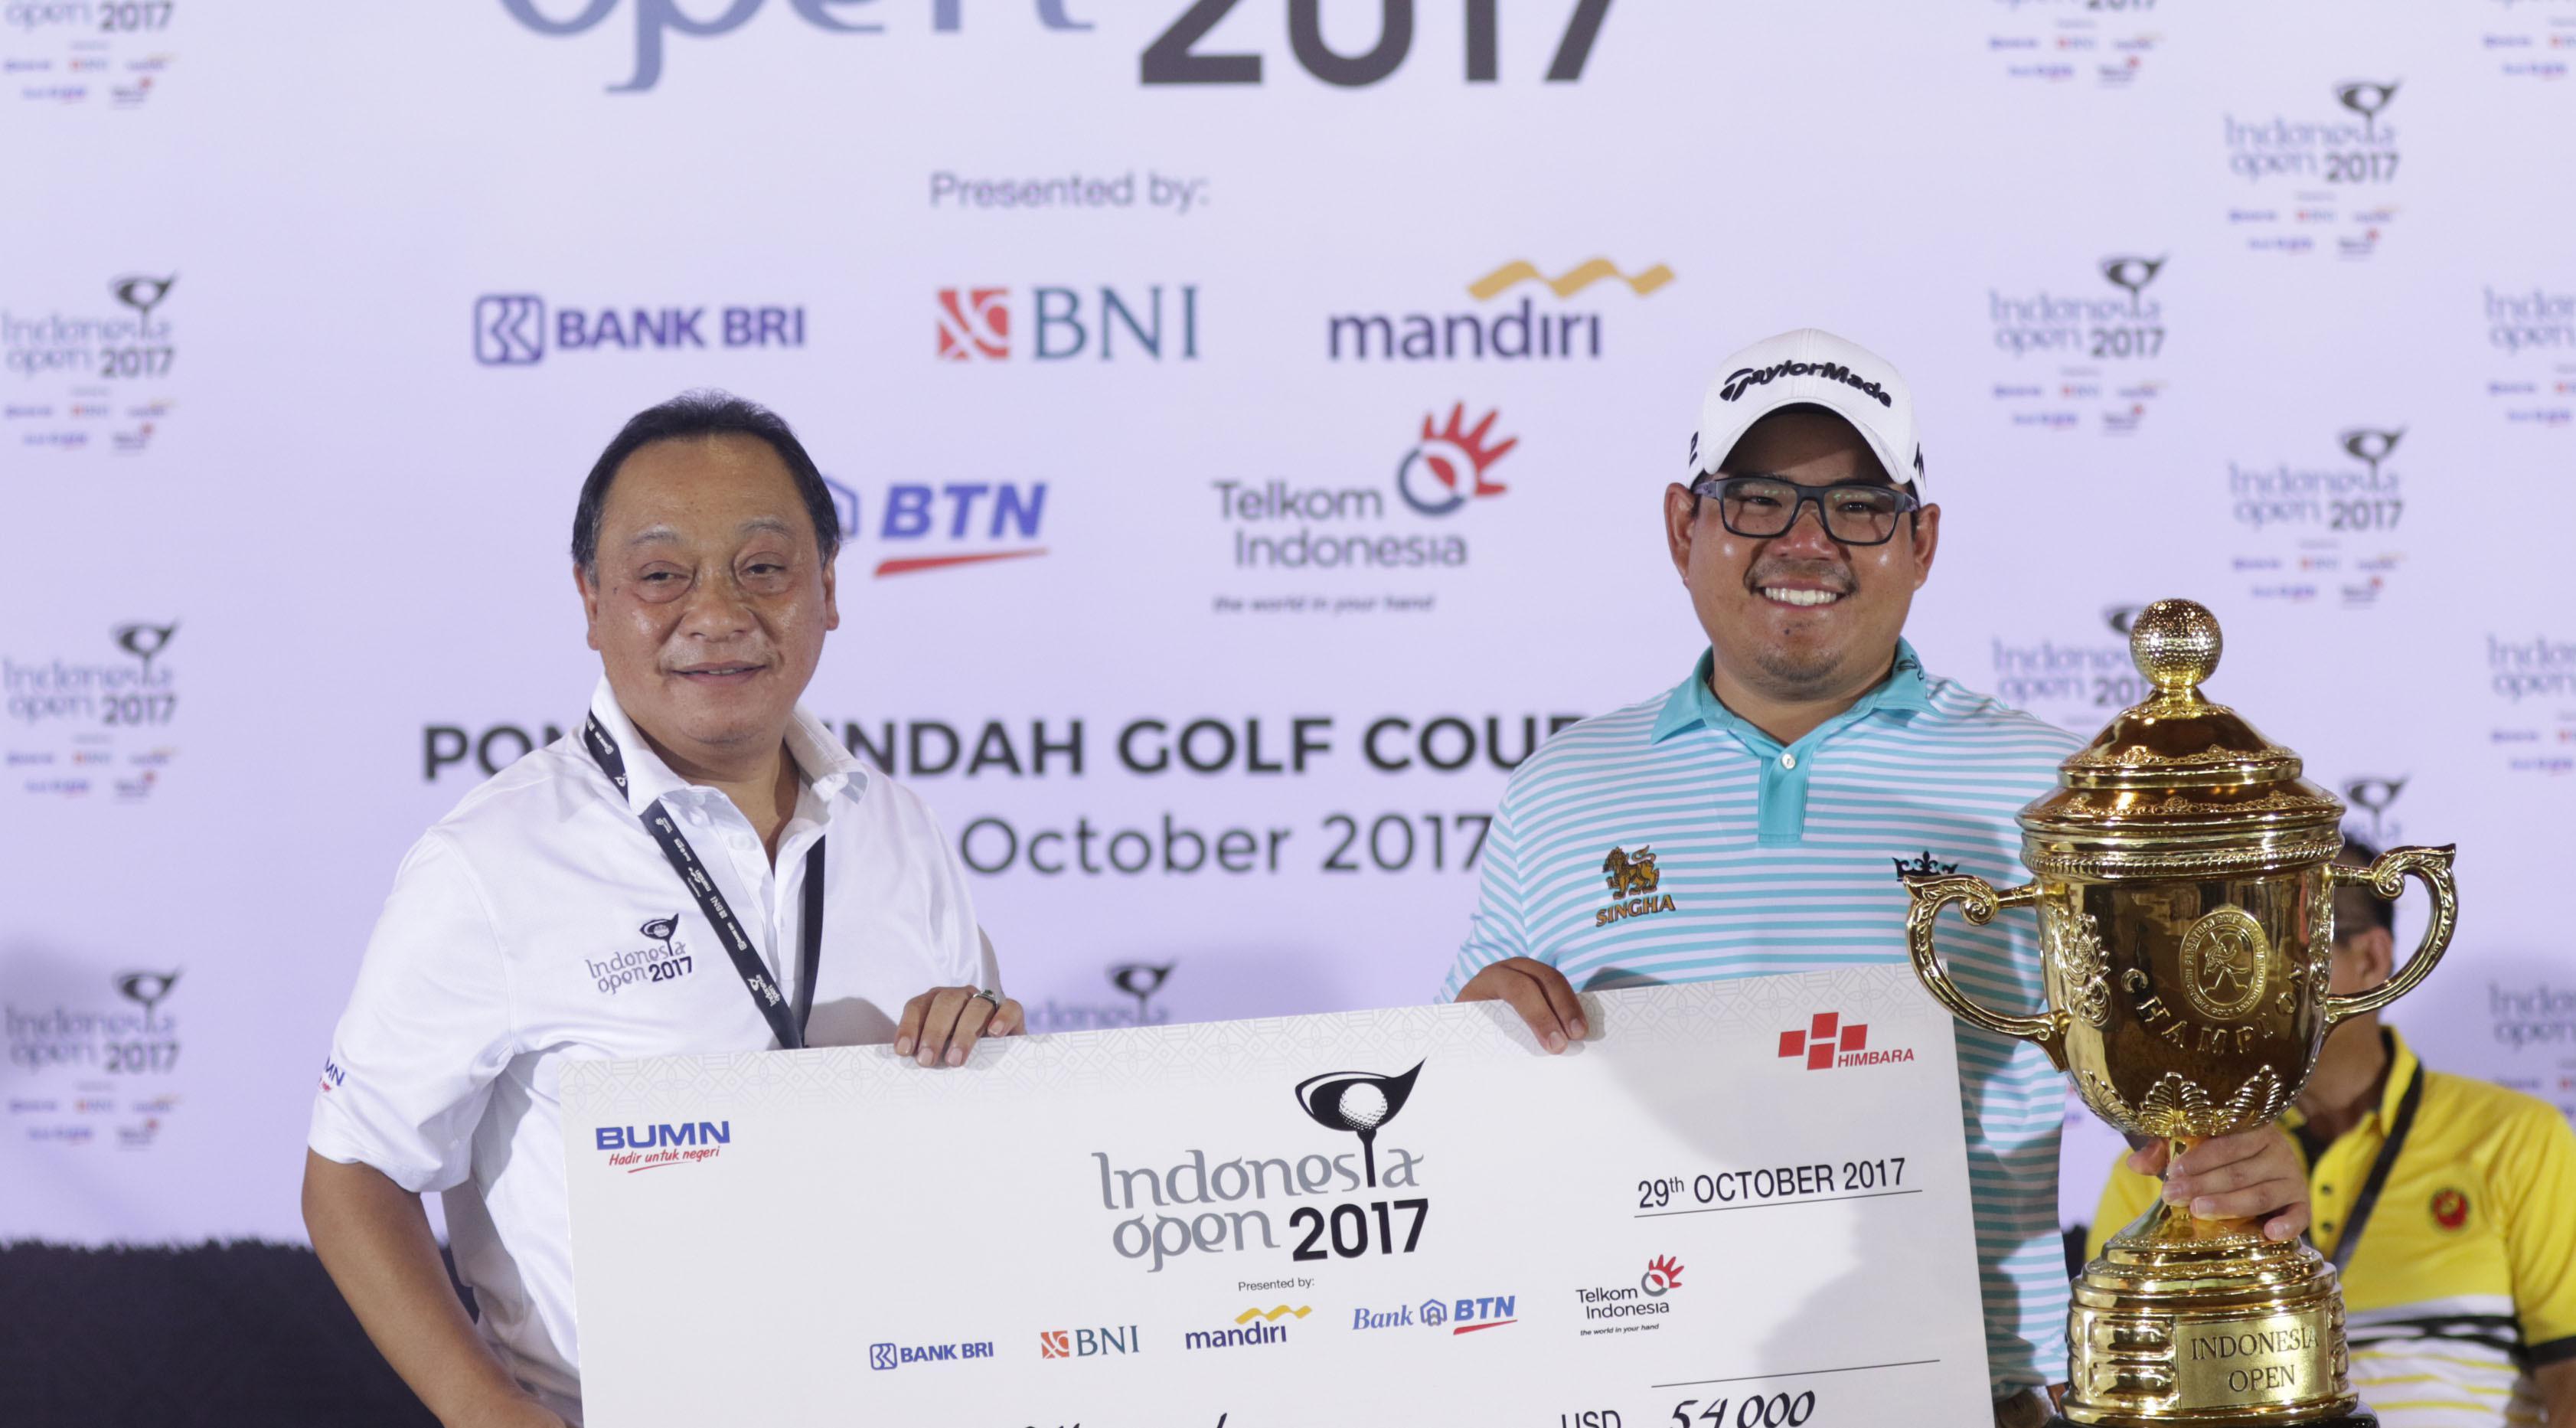 Ketua Umum Himbara Maryono saat penyerahan gelar Indonesia Open Golf Tournament 2017. (Liputan6.com/ Helmi Fithriansyah)